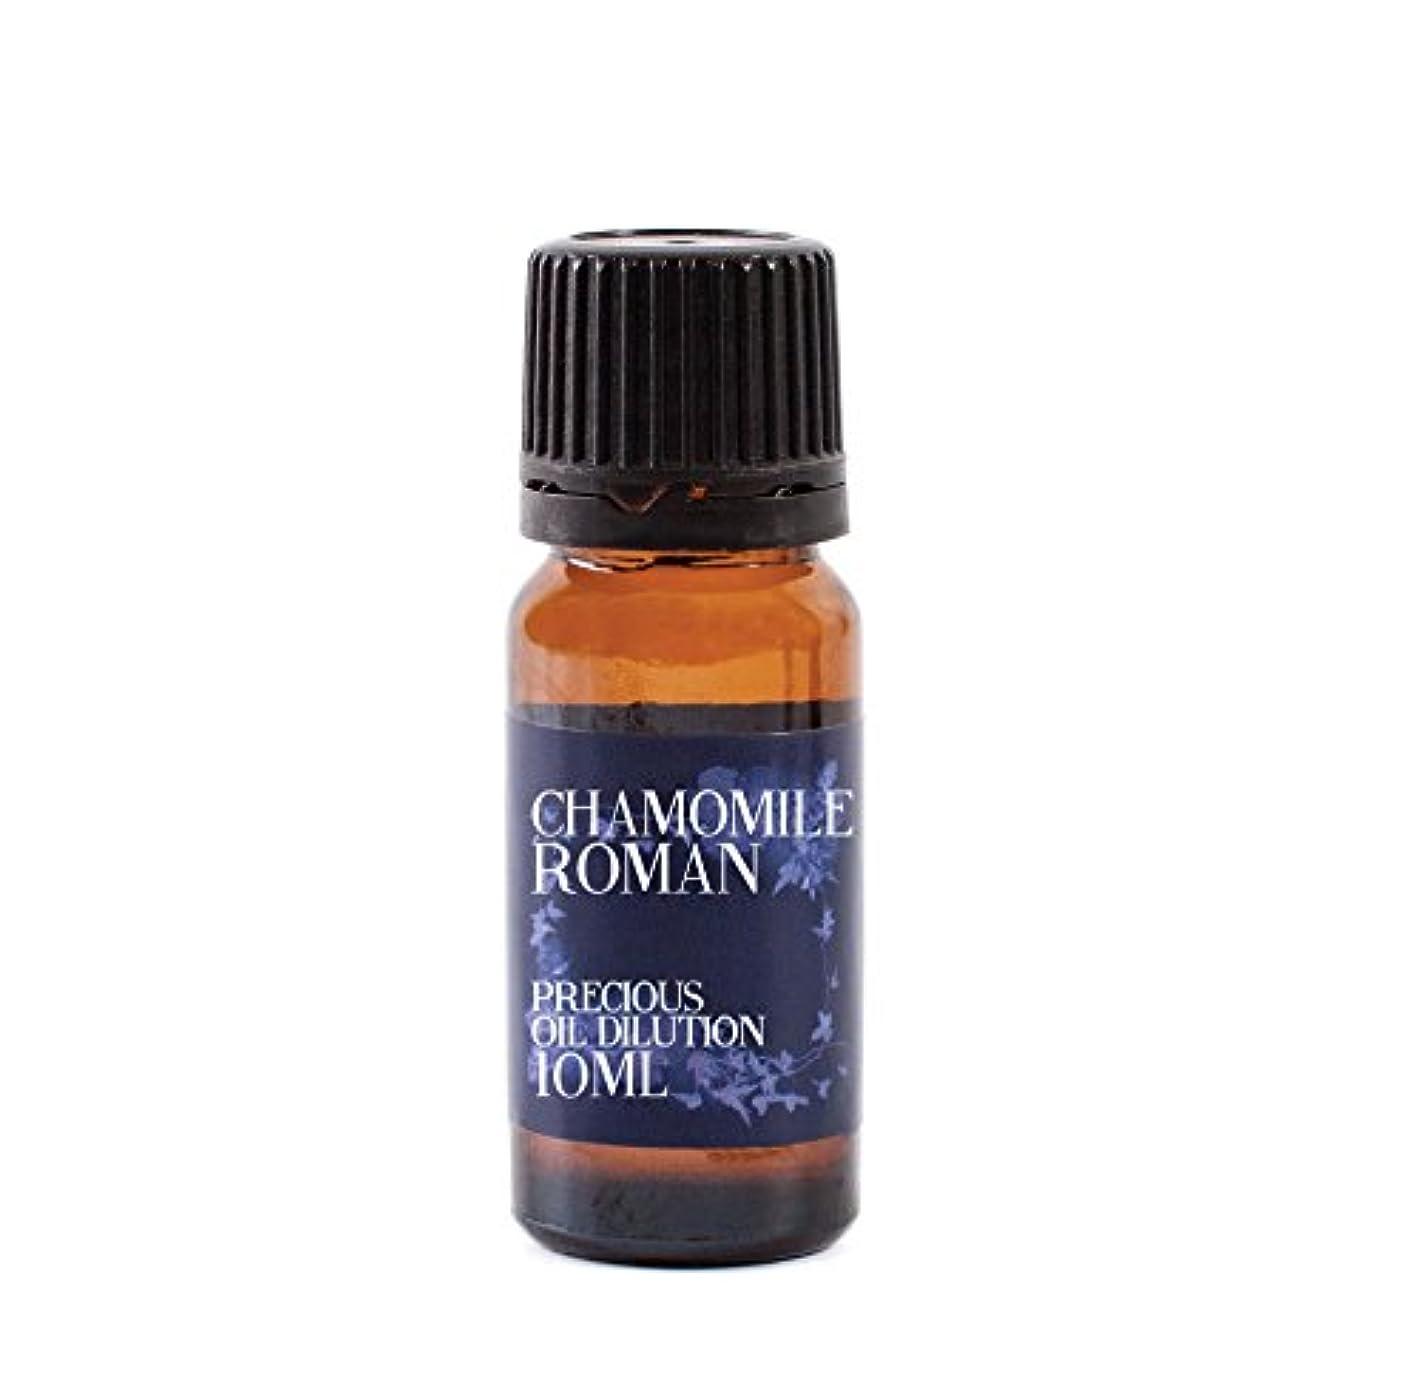 非常に怒っています武器バーゲンMystic Moments | Chamomile Roman Essential Oil Dilution - 10ml - 3% Jojoba Blend